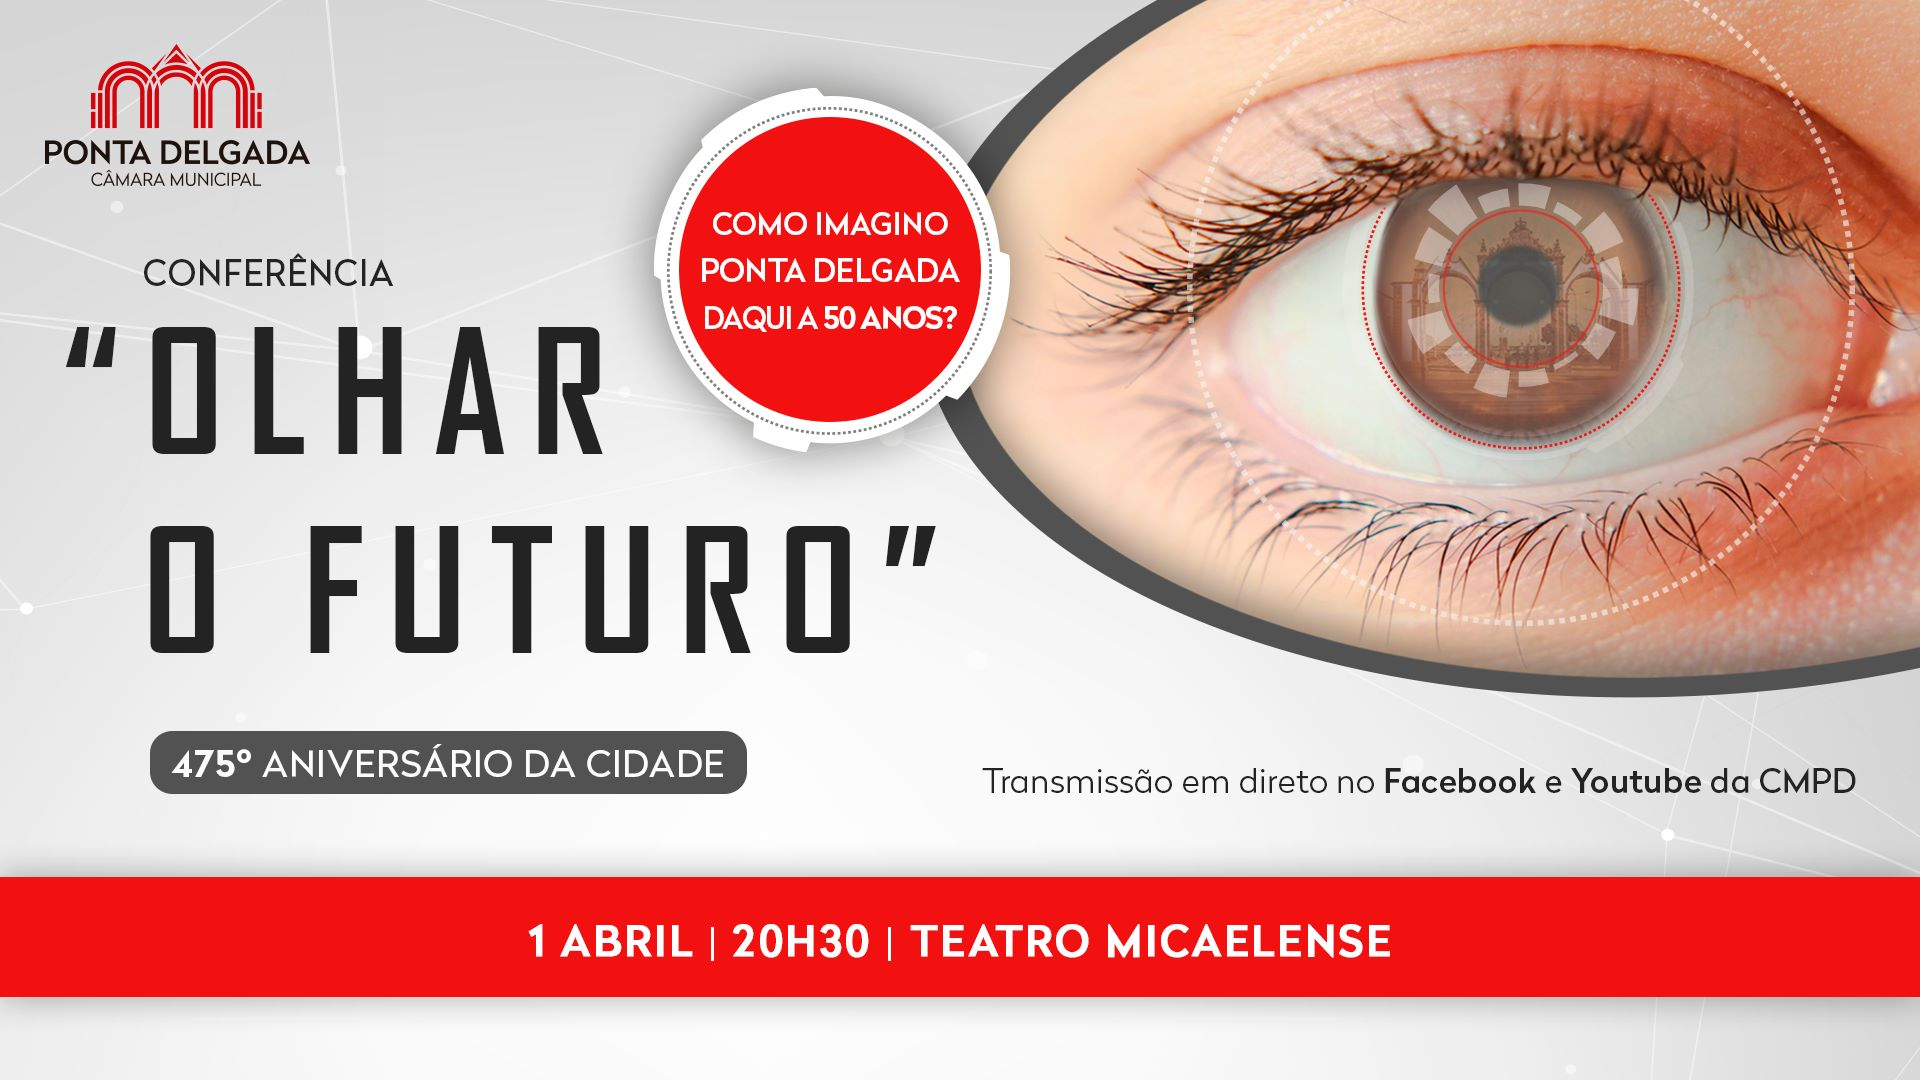 Conferência 'Olhar o Futuro' - Como imagino Ponta Delgada daqui a 50 anos?